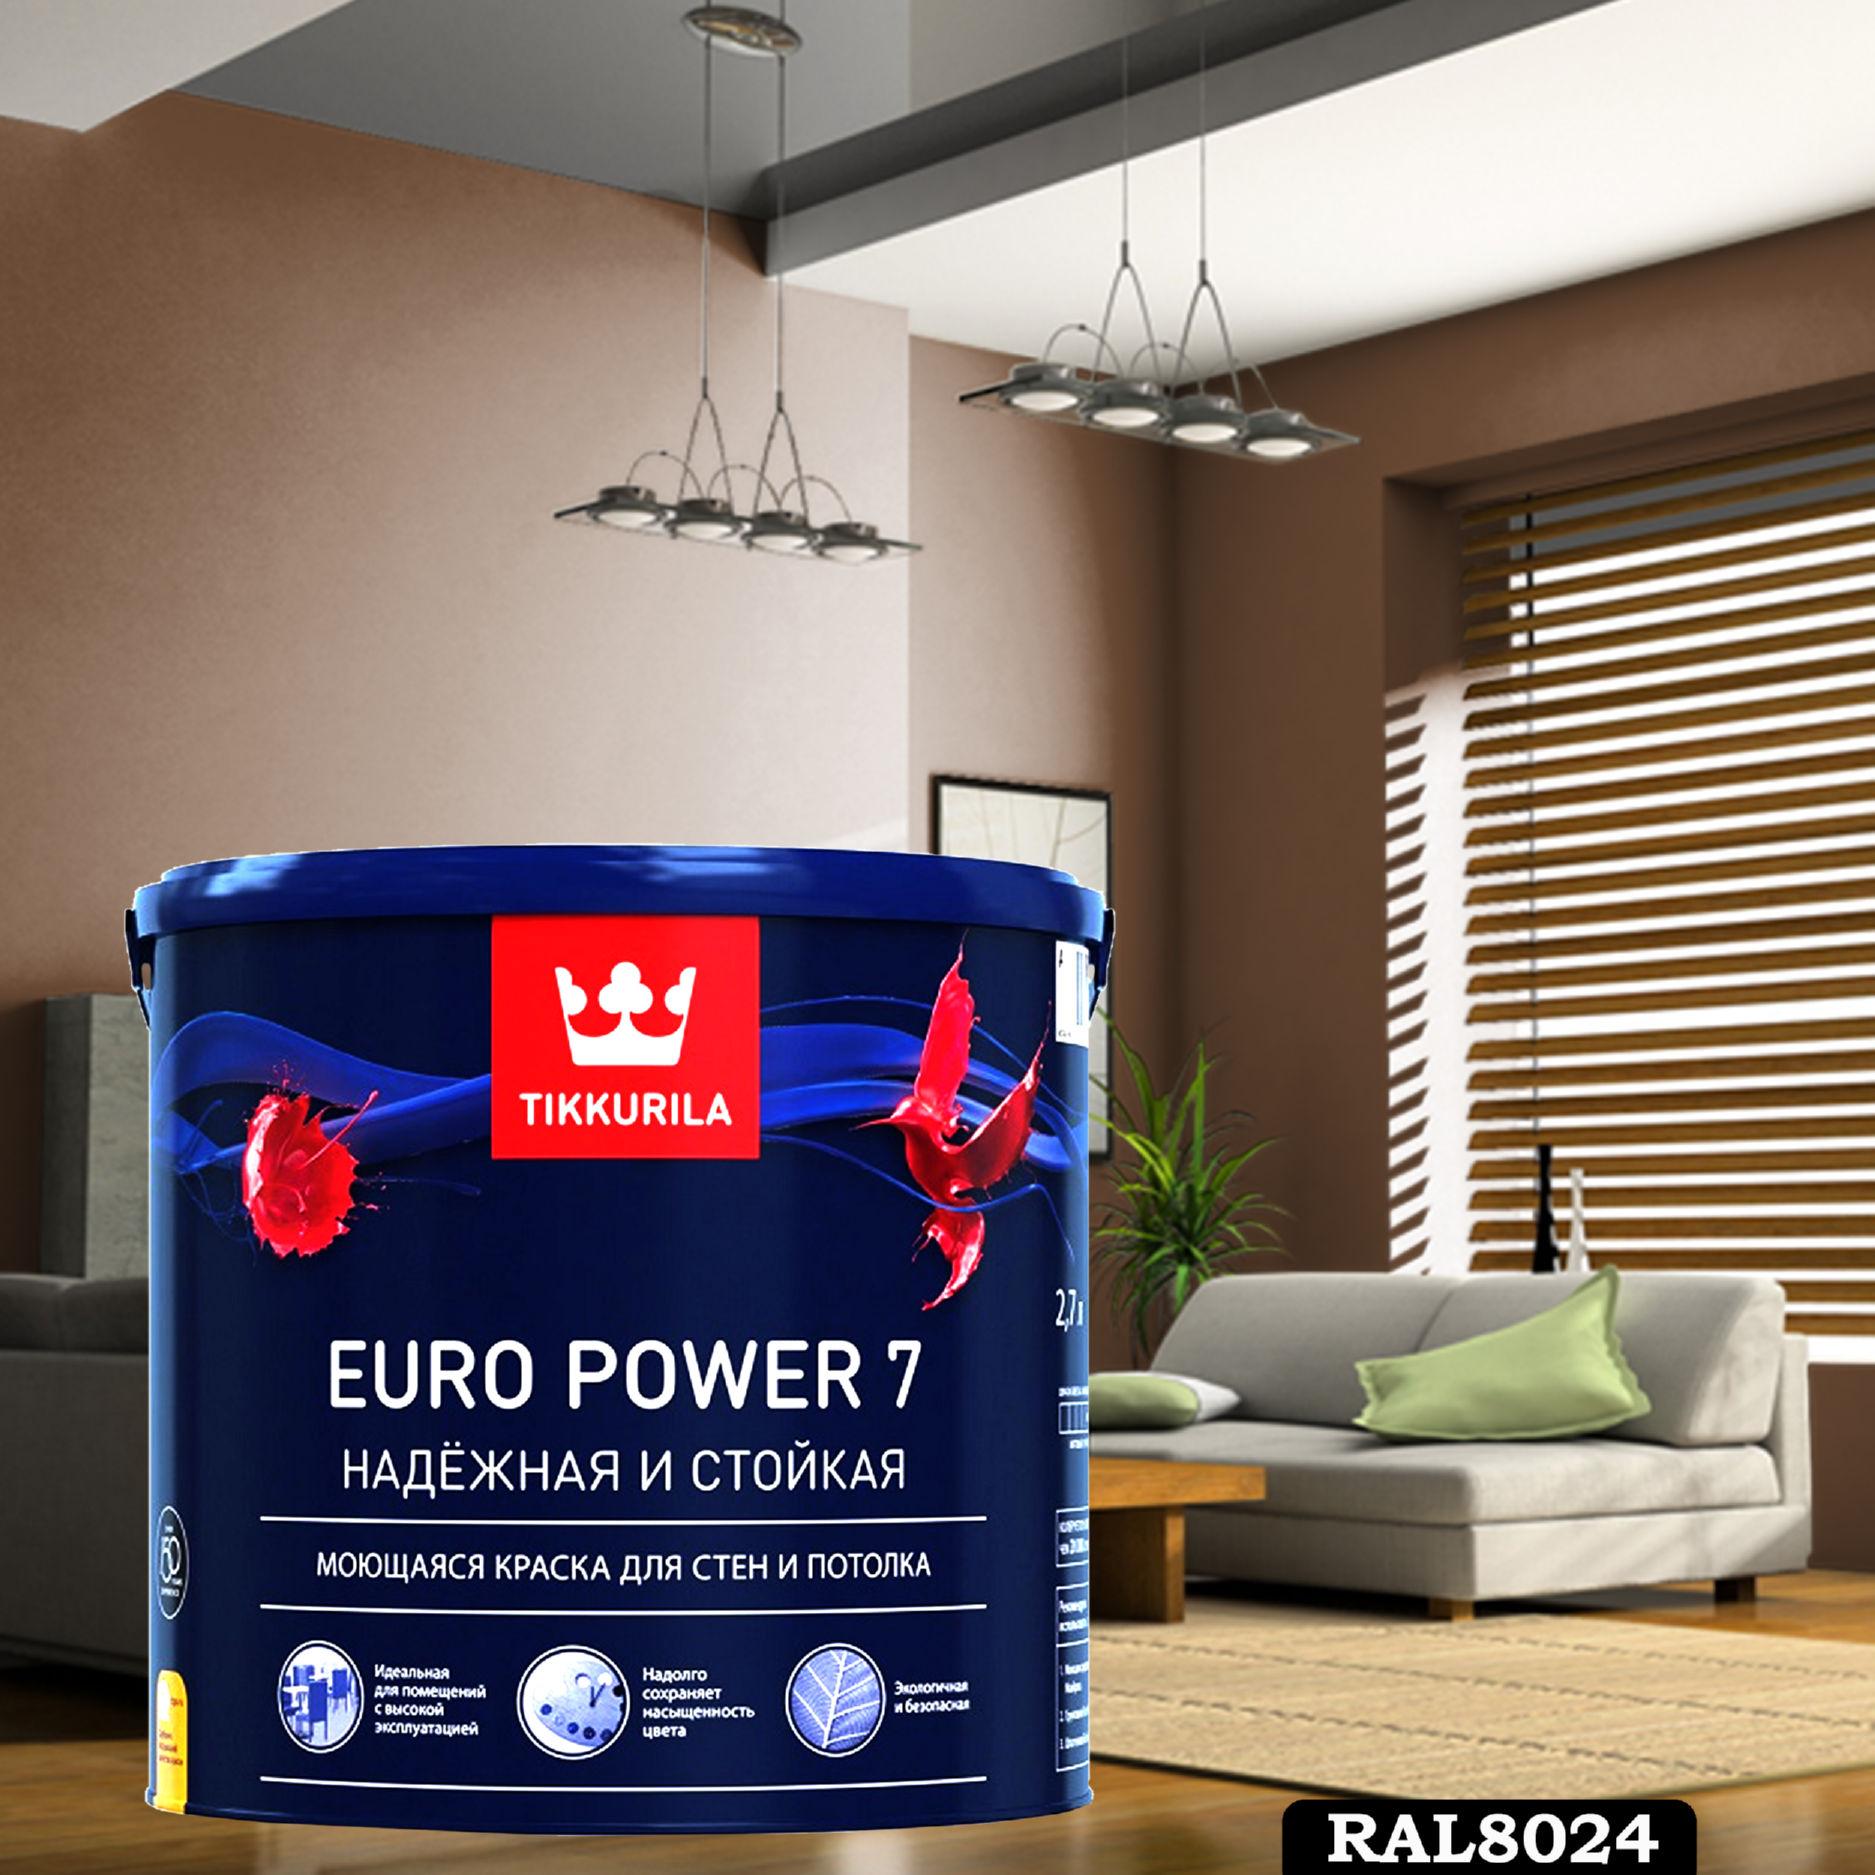 Фото 17 - Краска TIKKURILA Euro Power 7,  RAL 8024 Бежево-коричневый, латексная моющаяся матовая интерьерная, 9 л.